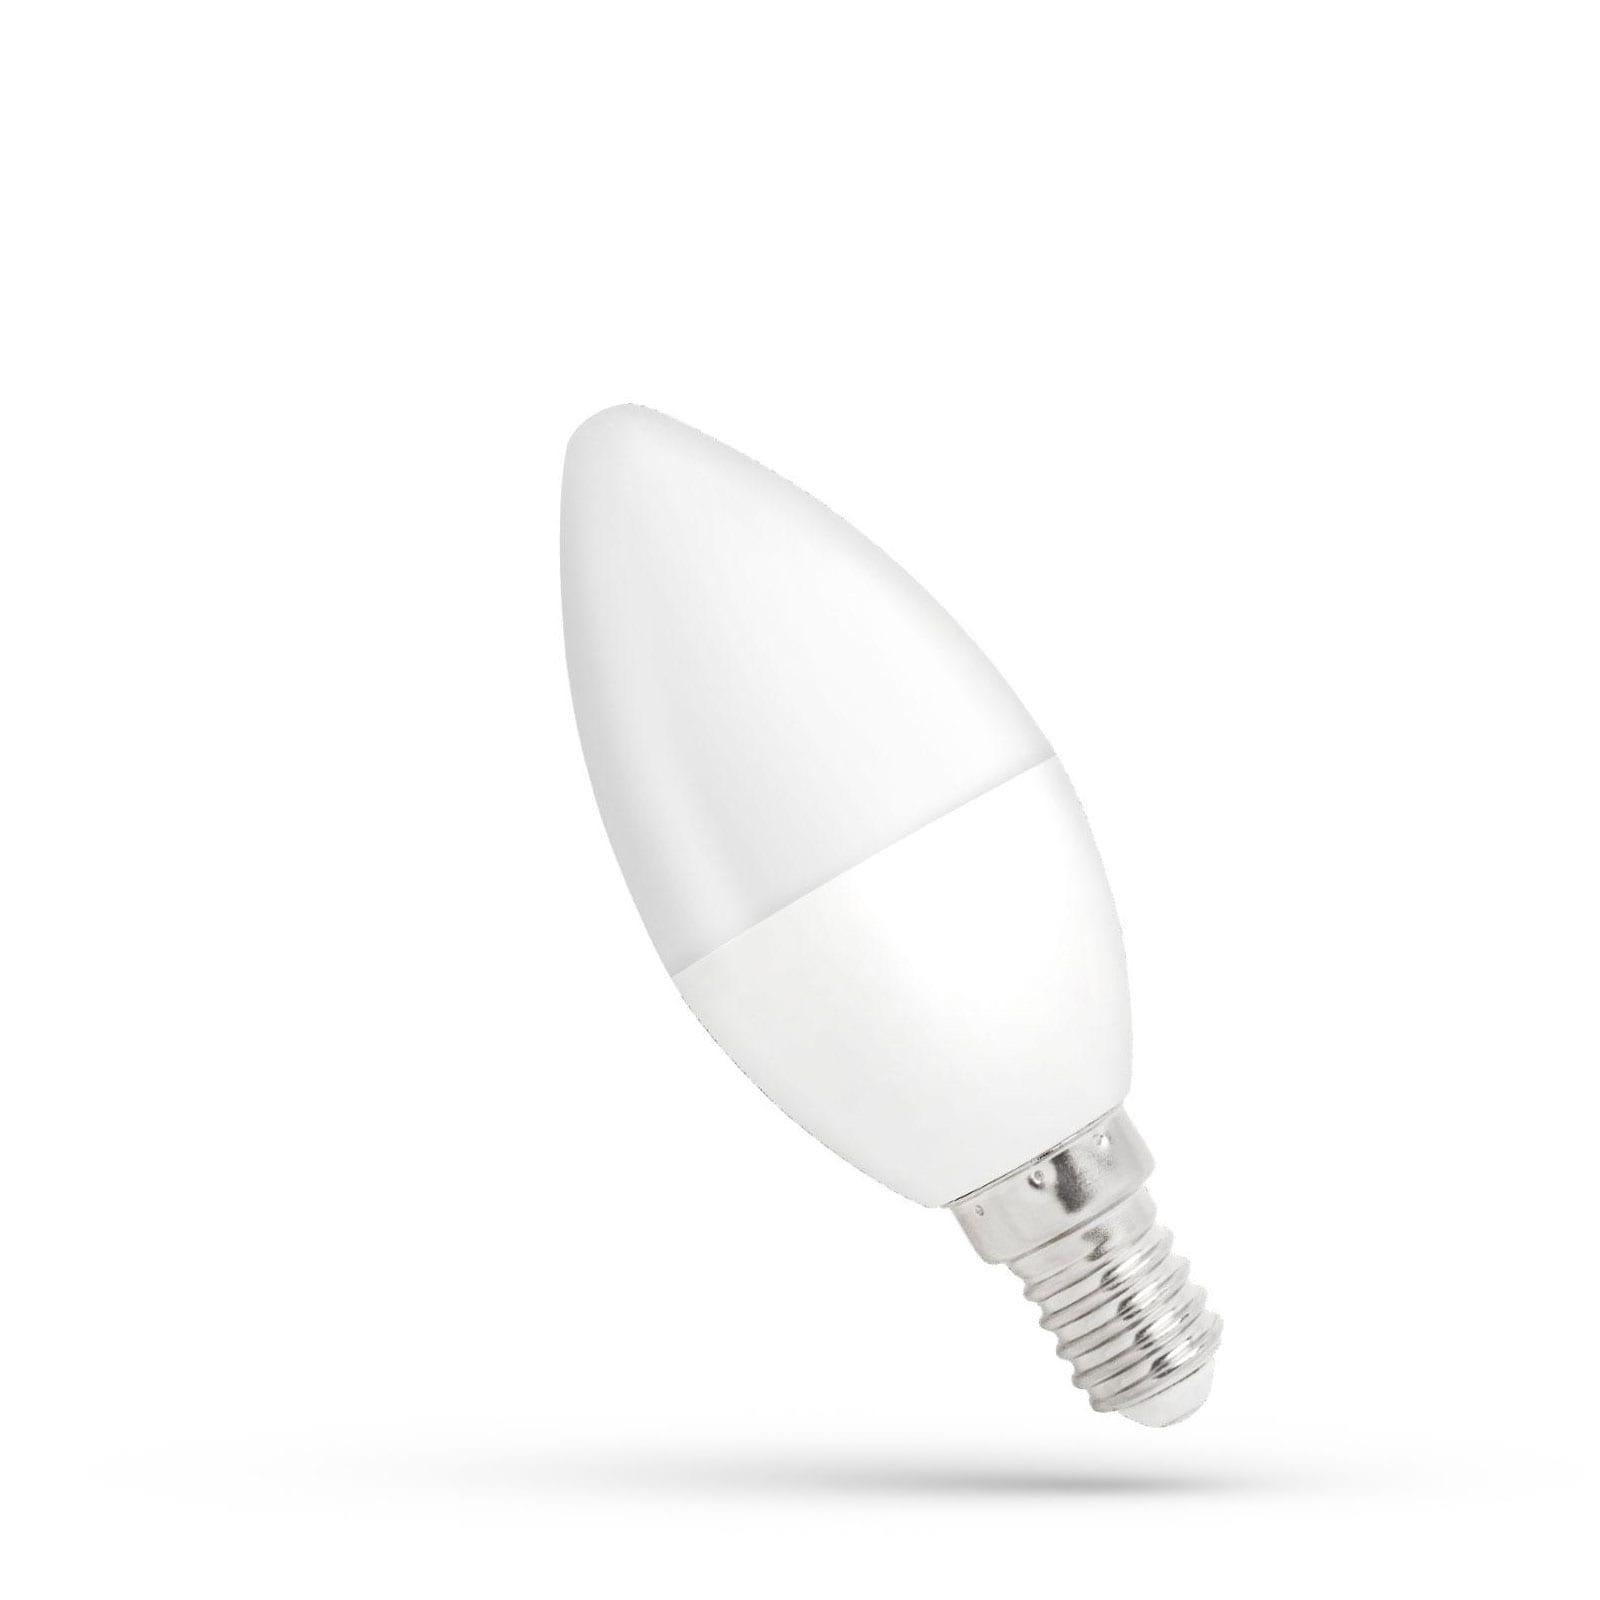 6W E14 LED lemputė žvakutė dimeriuojama